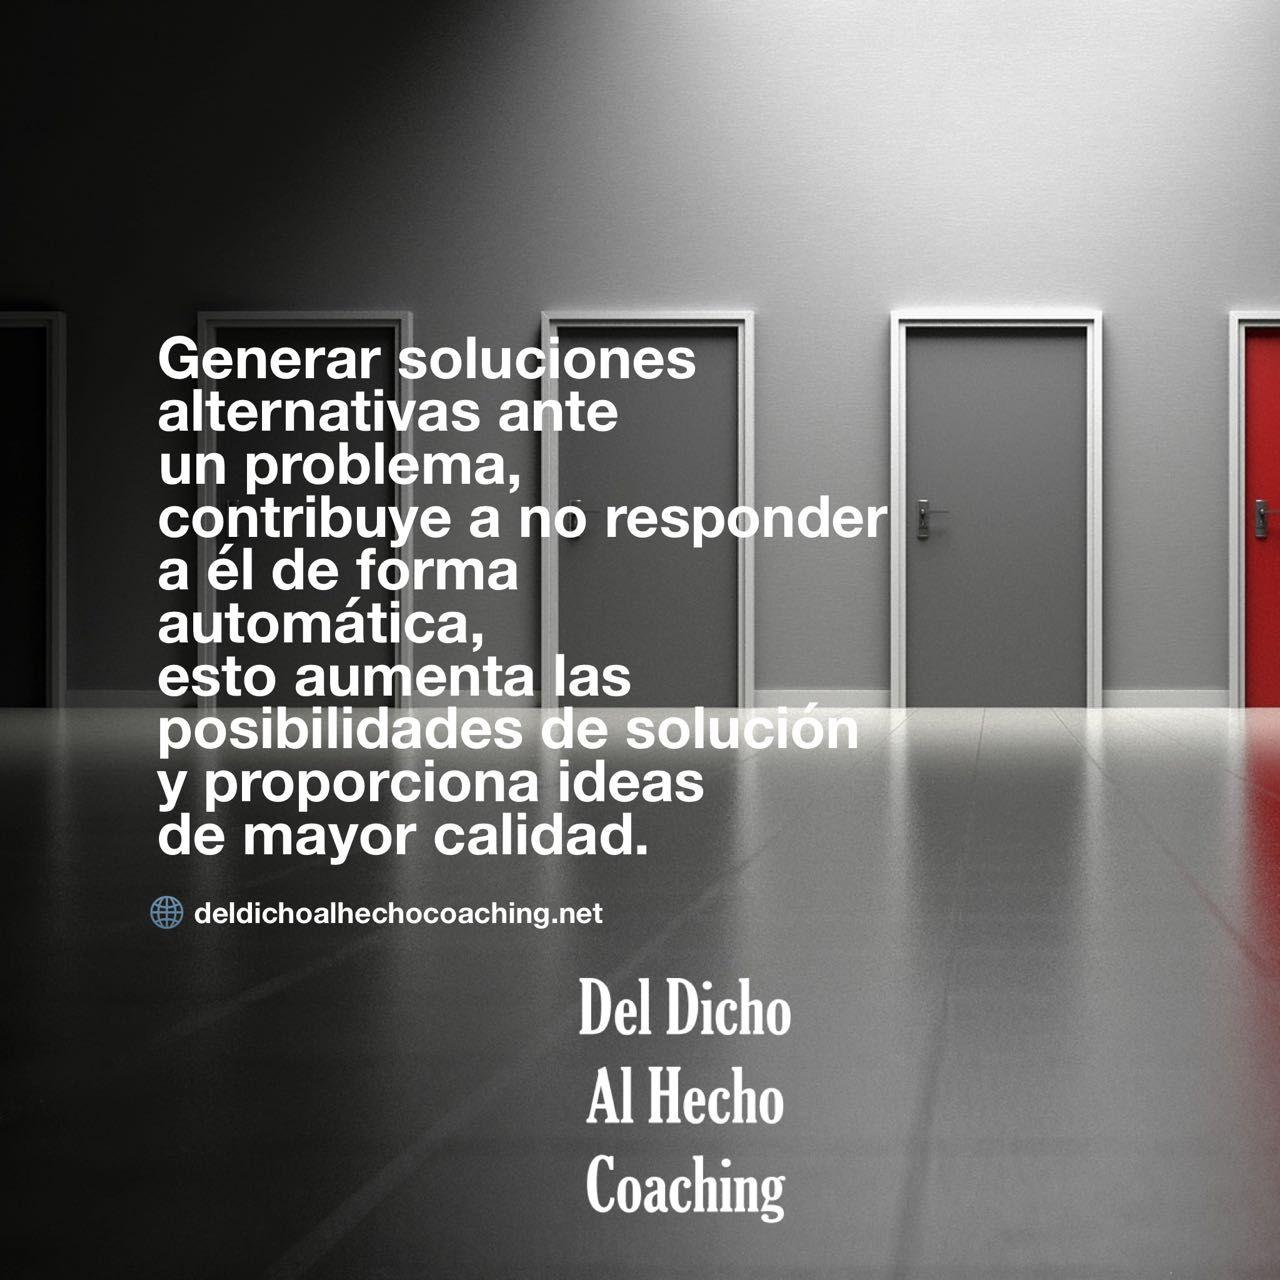 Generar soluciones alternativas ante un problema proporciona ideas de mayor calidad!    #Coaching #DesarrolloHumuano #InteligenciaEmocional #Bienestar